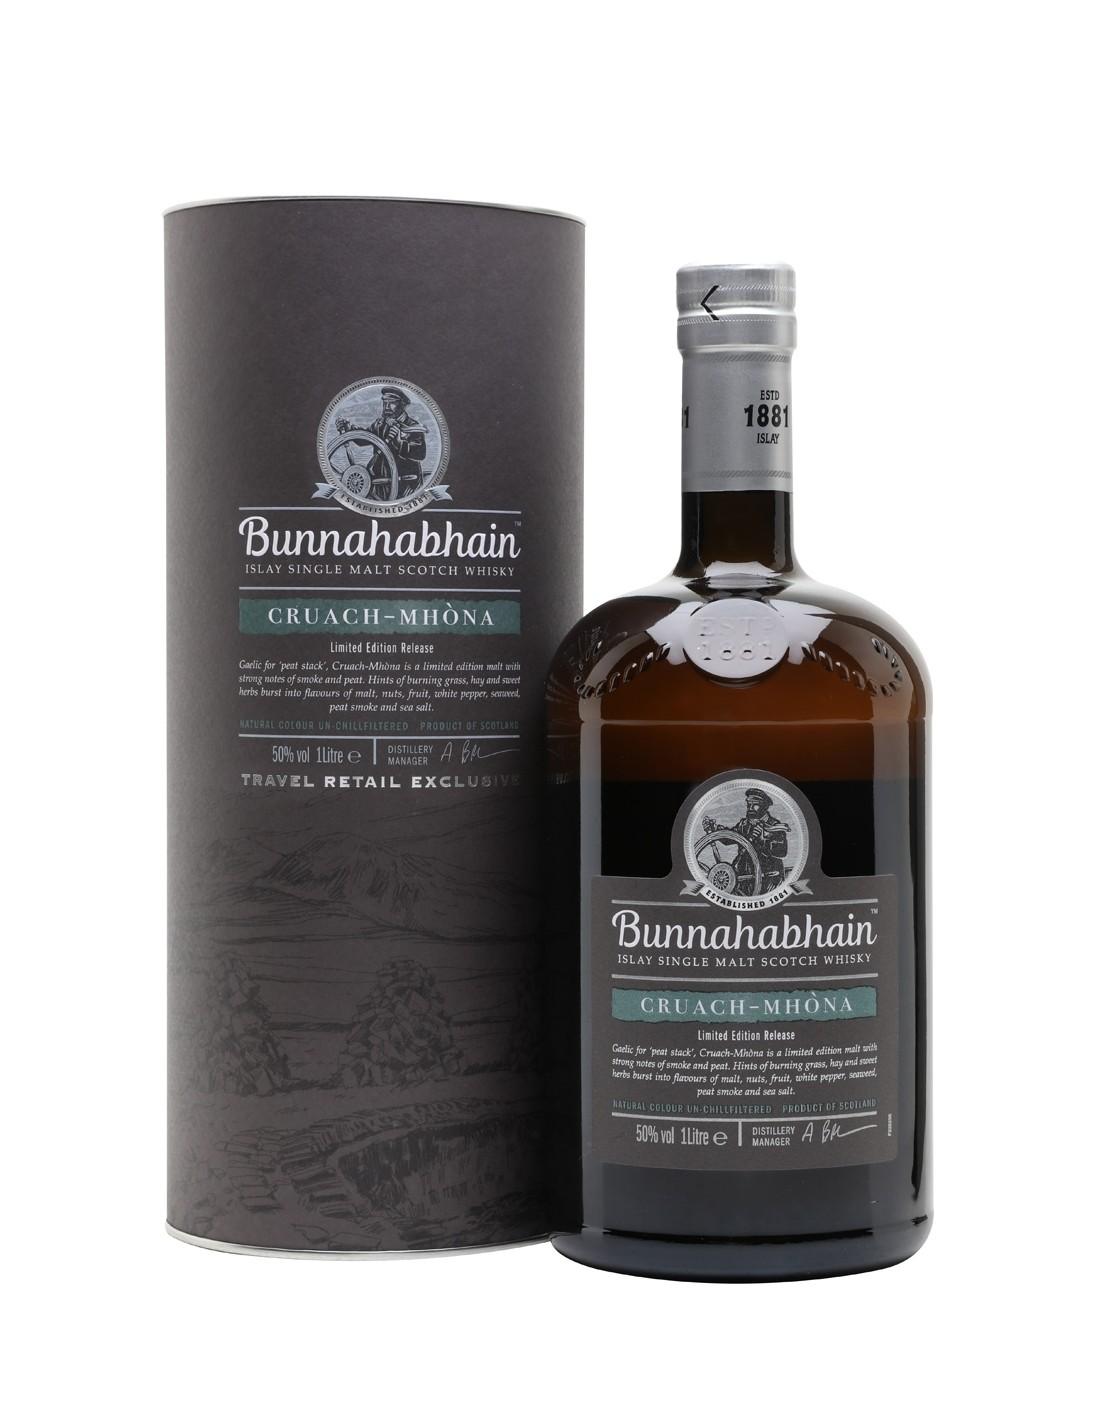 Whisky Bunnahabhain Cruach Mhòna, 50% alc., 1L, Scotia